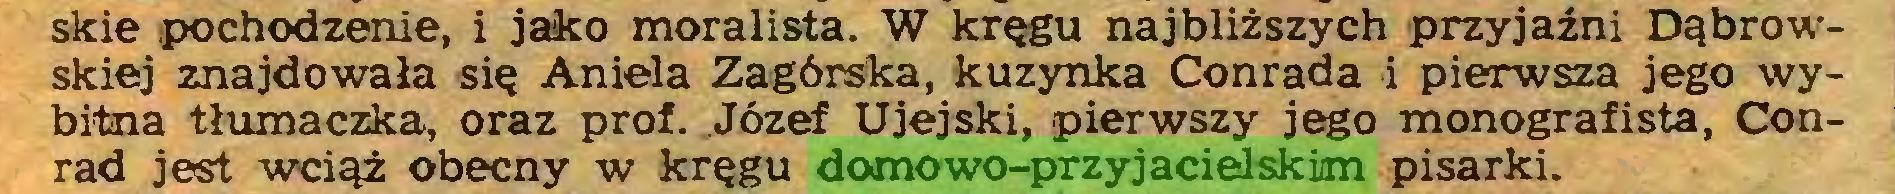 (...) skie ¡pochodzenie, i jako moralista. W kręgu najbliższych przyjaźni Dąbrowskiej znajdowała się Aniela Zagórska, kuzynka Conrada i pierwsza jego wybitna tłumaczka, oraz prof. Józef Ujejski, pierwszy jego monografista, Conrad jest wciąż obecny w kręgu domowo-przyjacielskim pisarki...